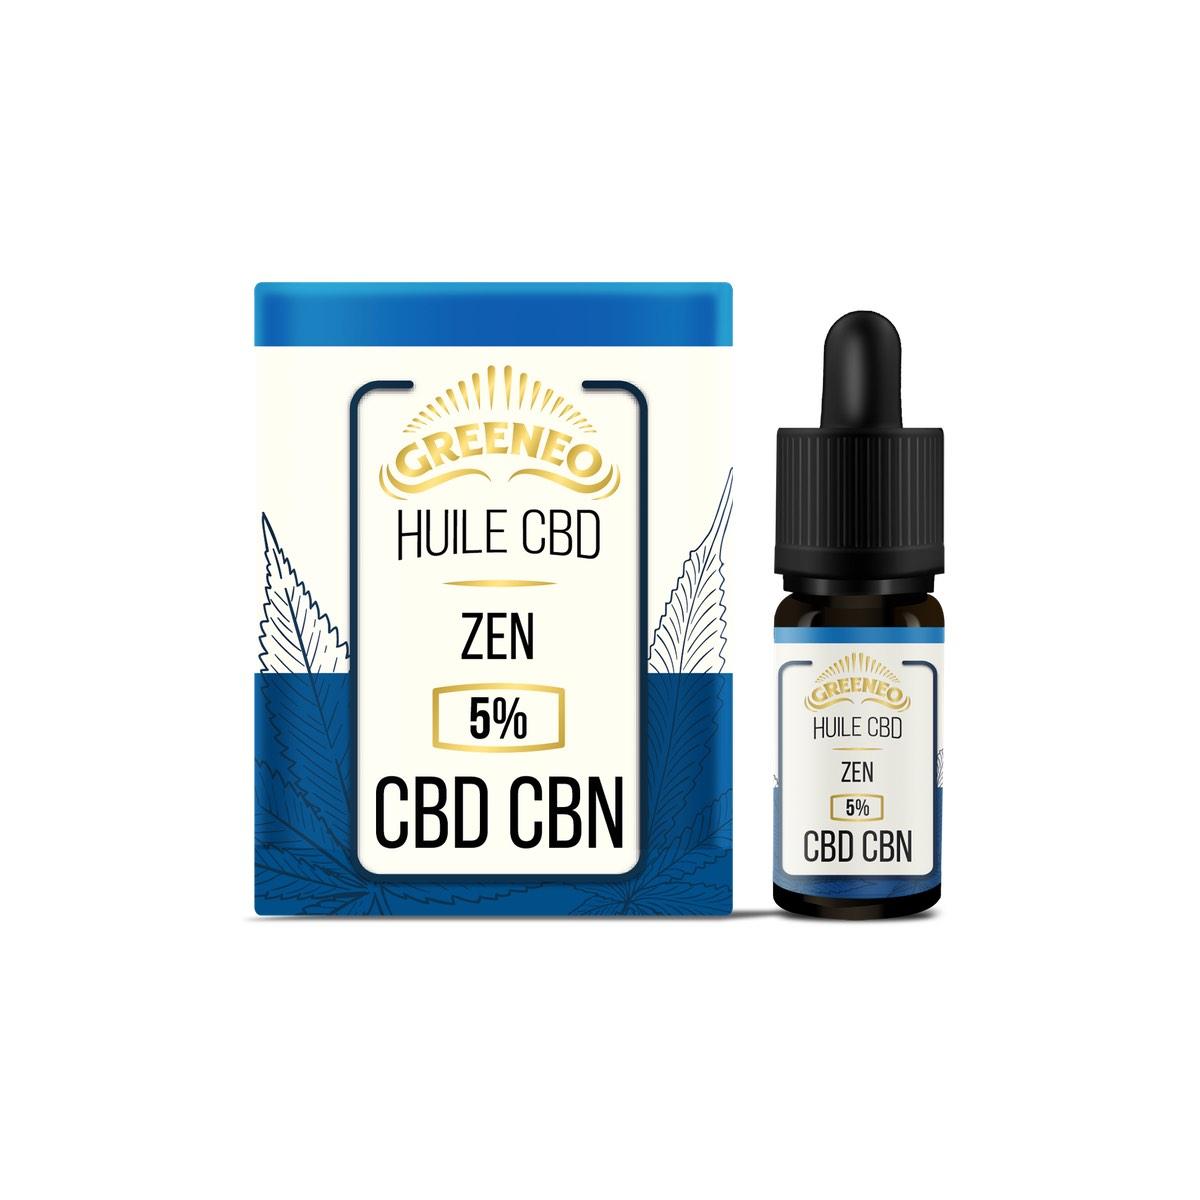 Huile CBD CBN Zen